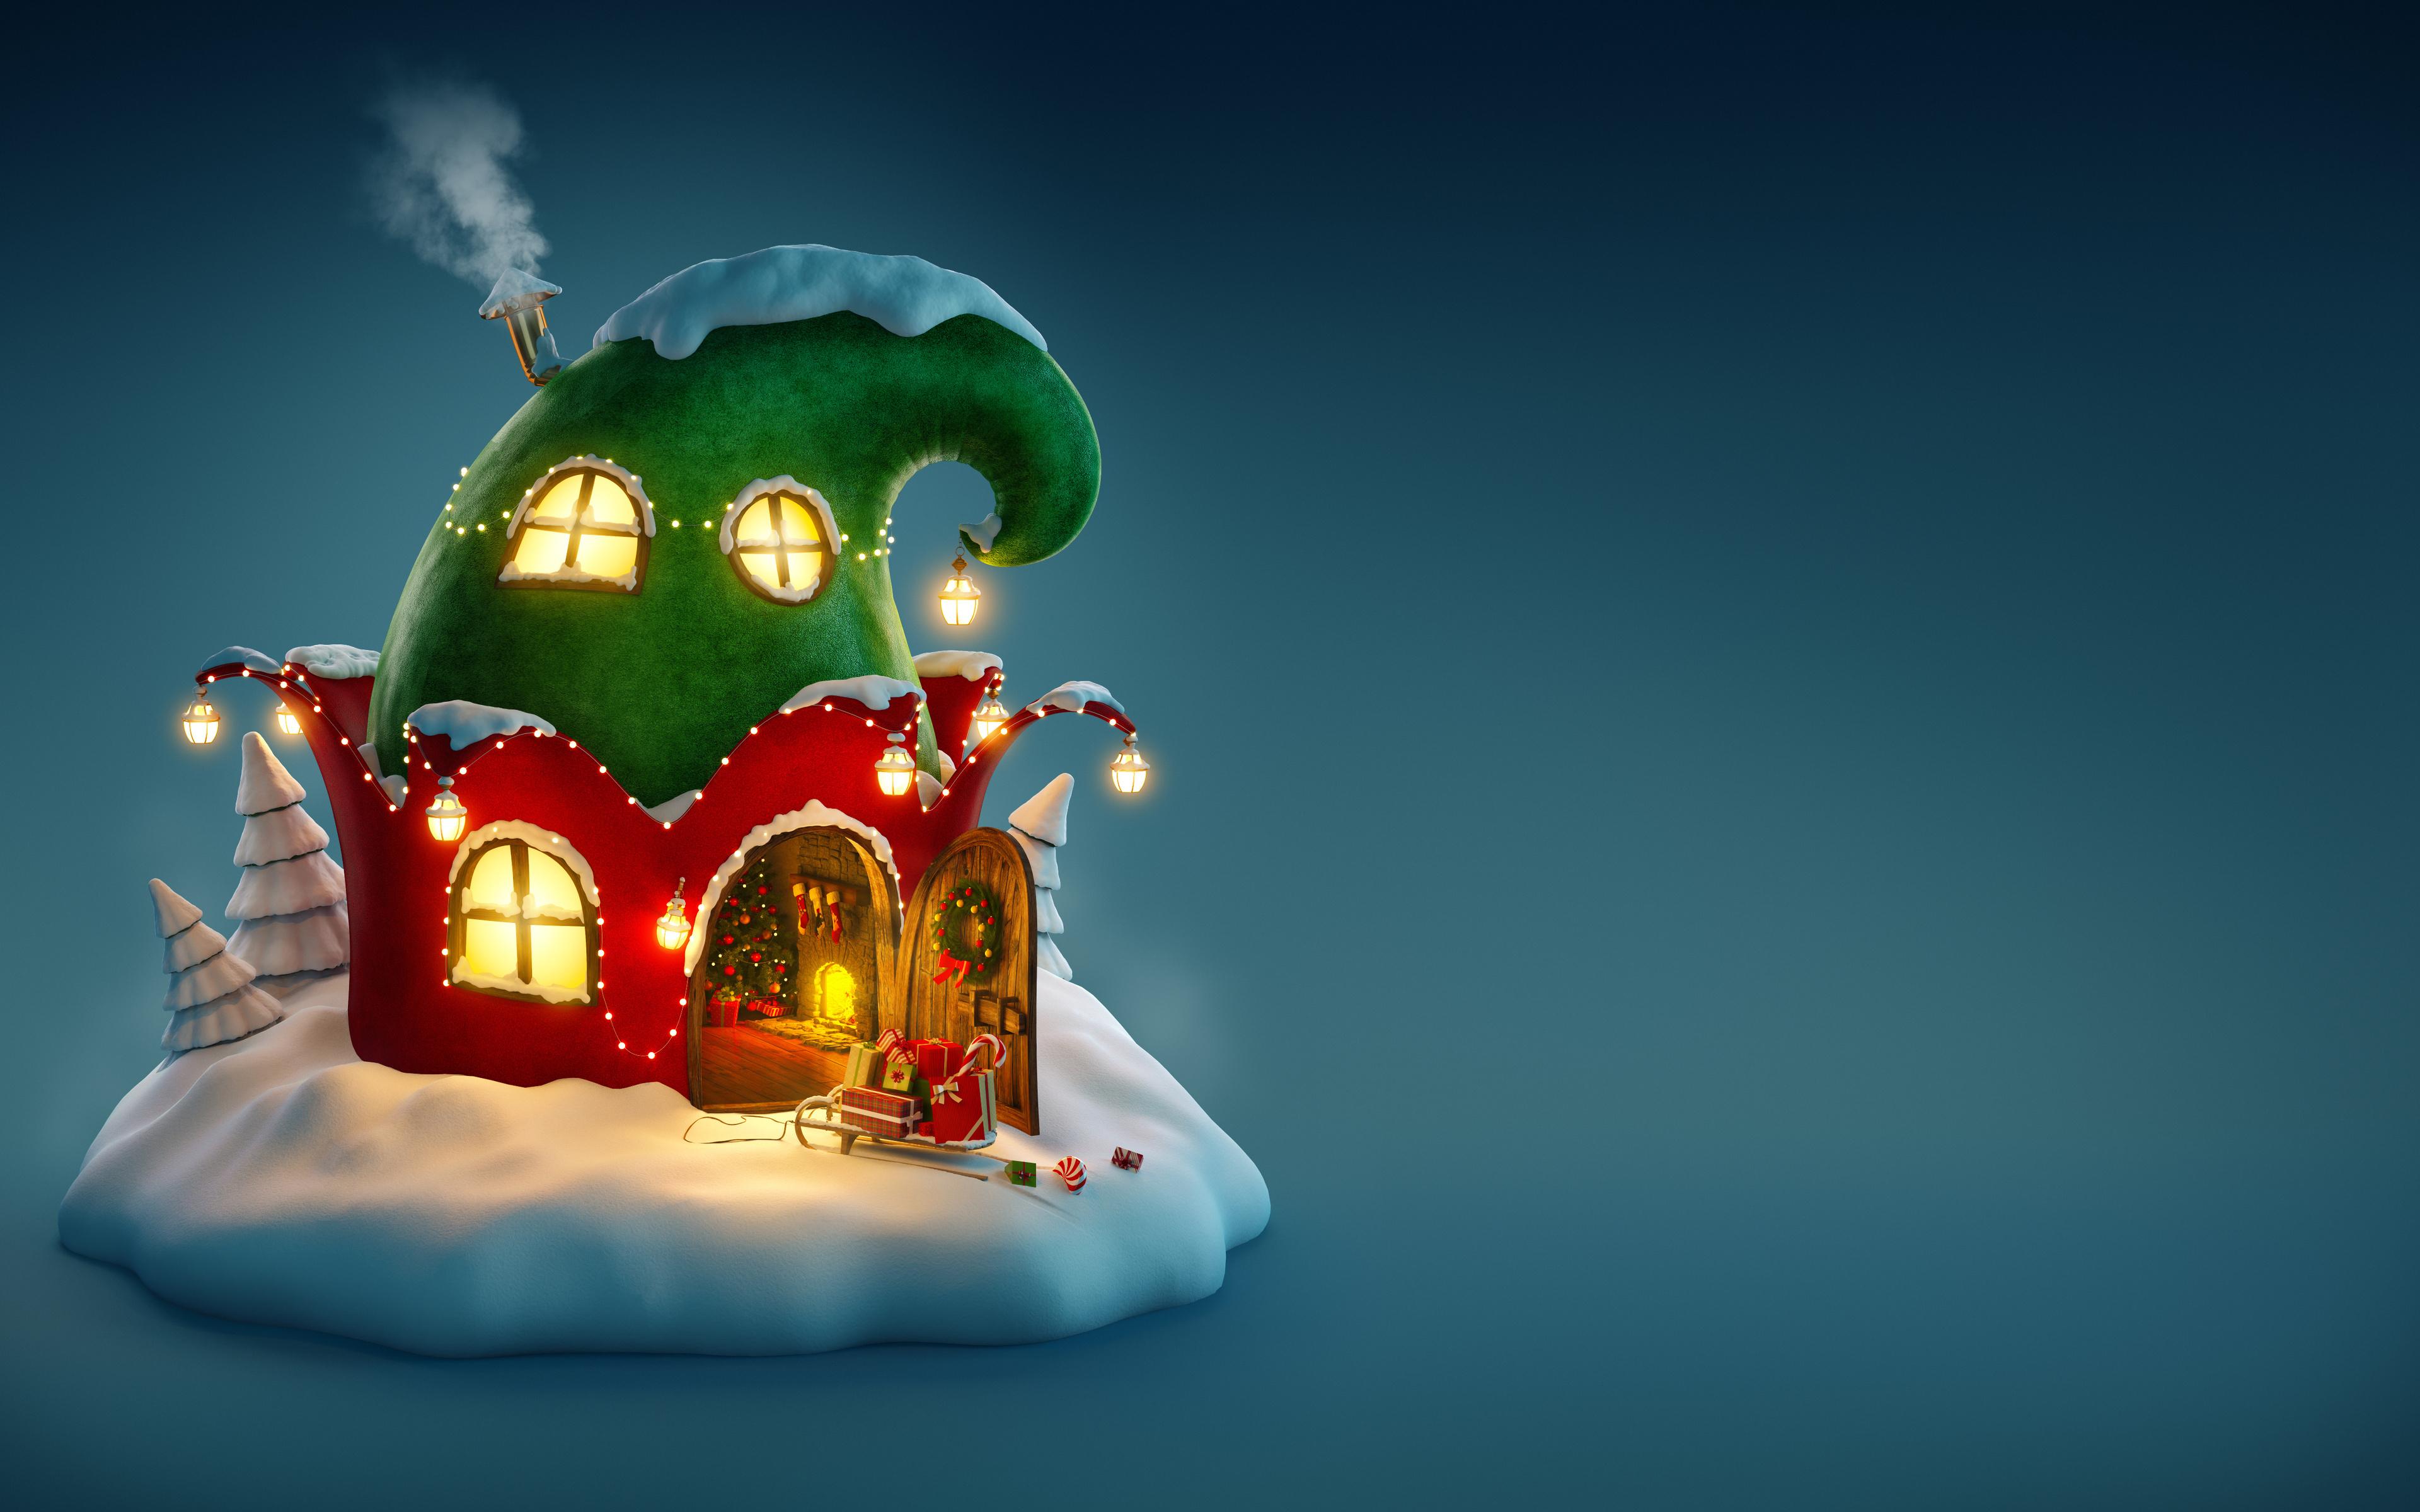 christmas-fairy-house-4k-to.jpg